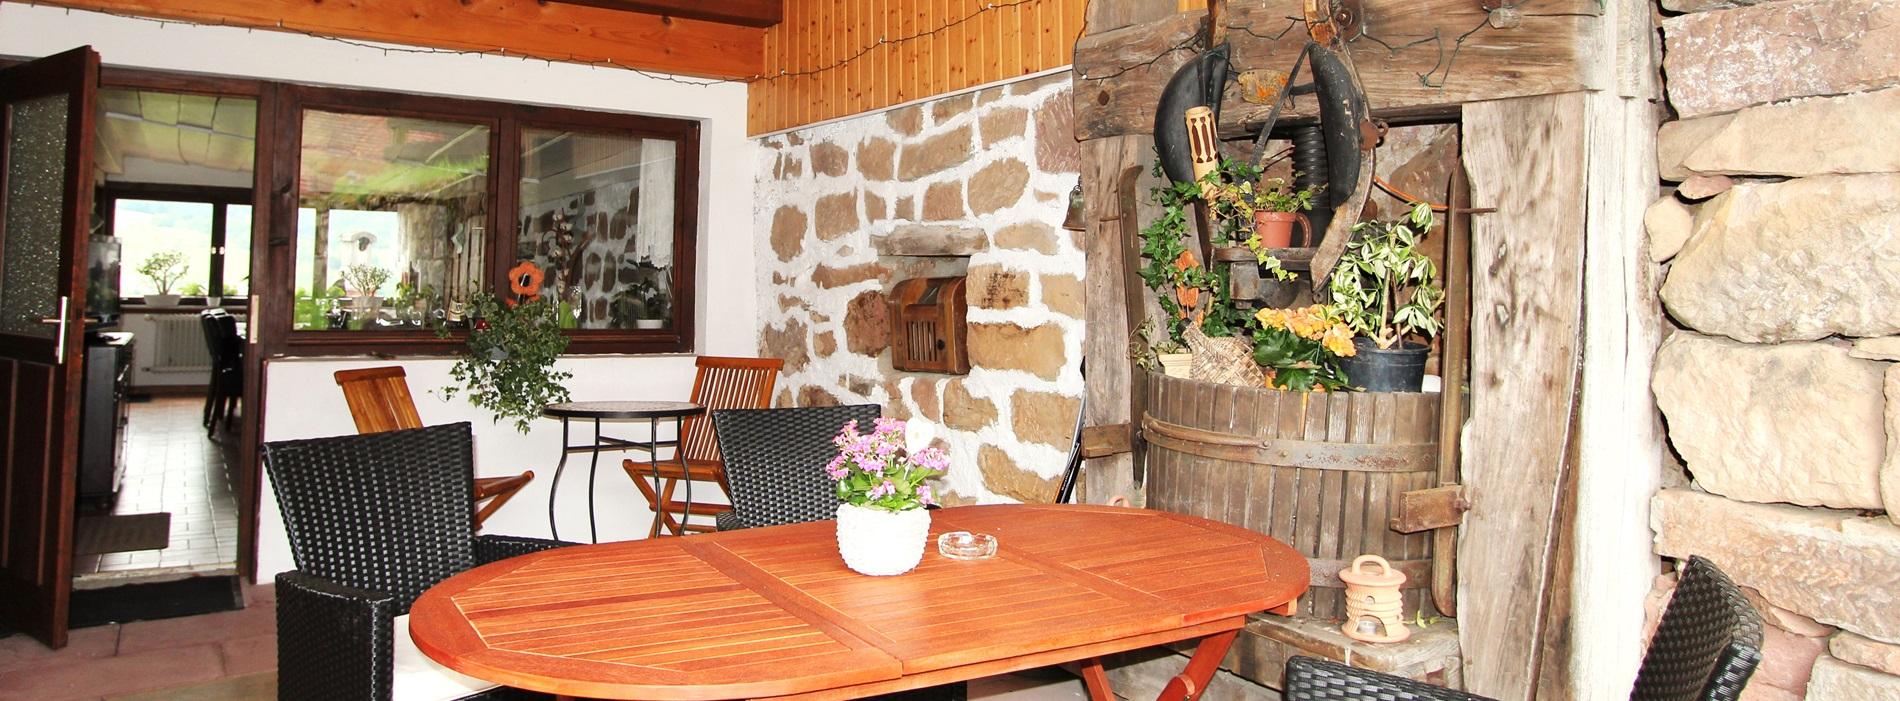 Terrasse Ferienwohnungen Hubhof Schwarzwald